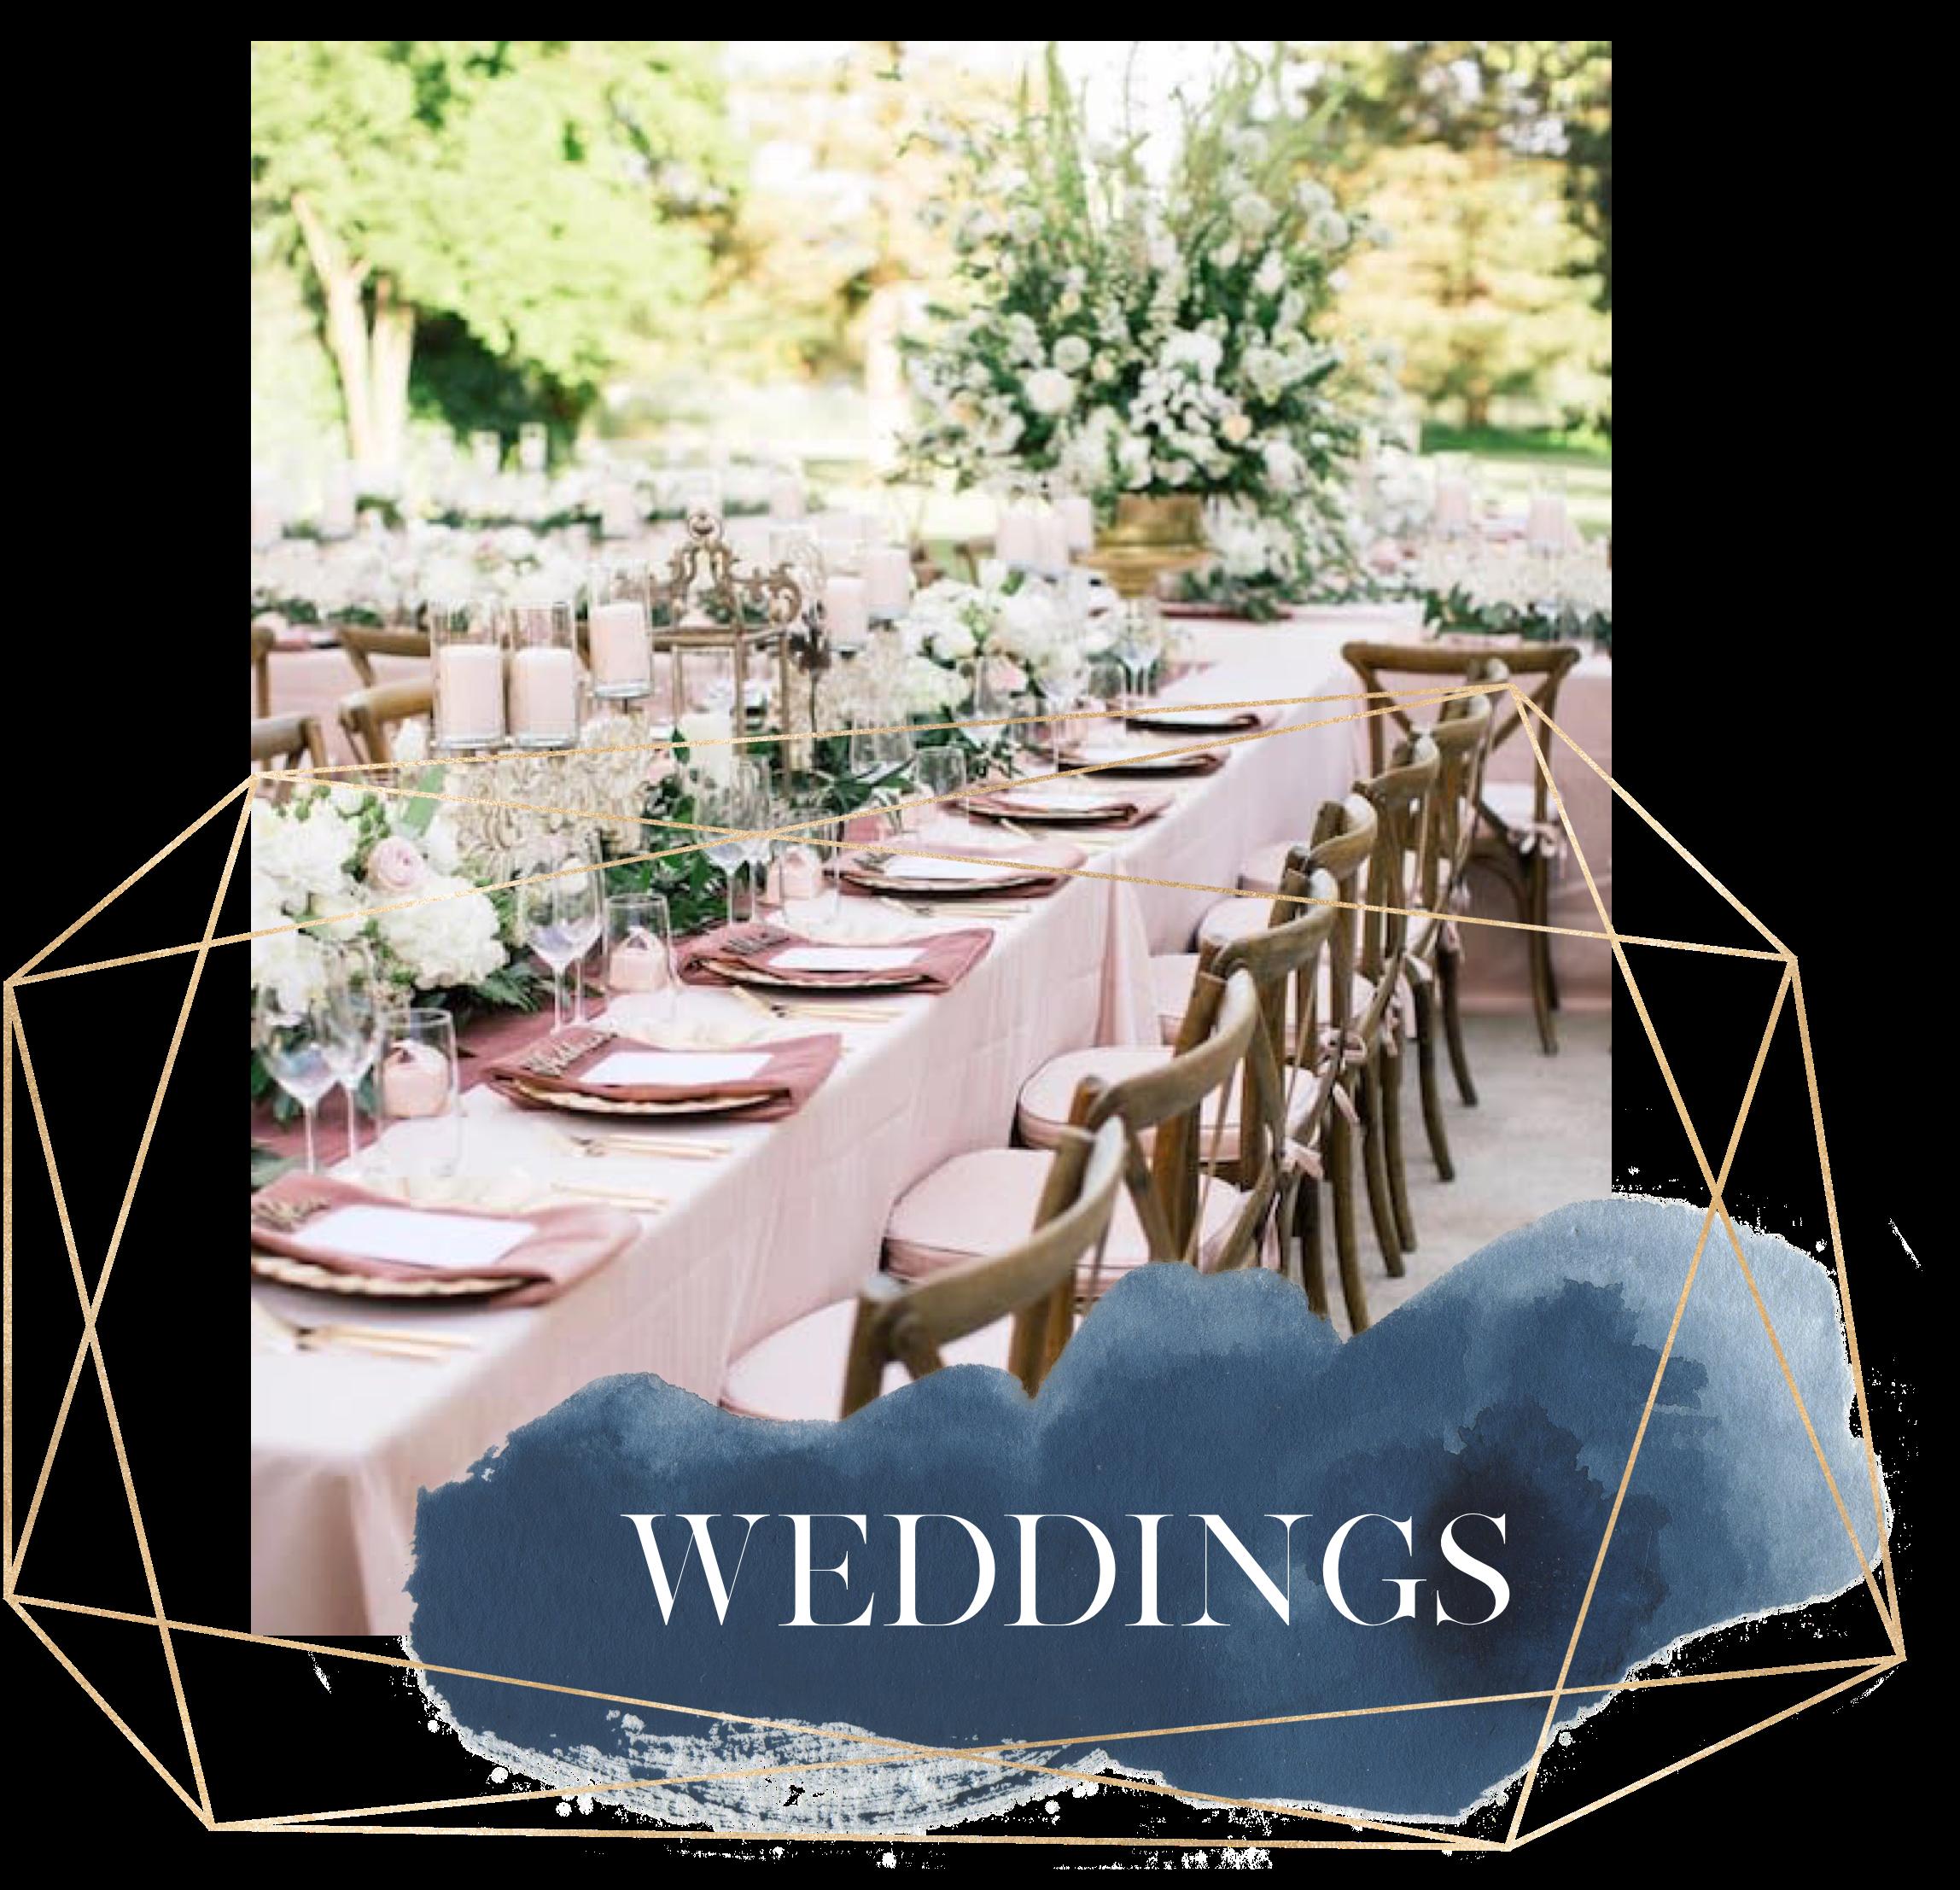 SacDeco-n-rentals-wedding-sacramento-event-rentals-1.png